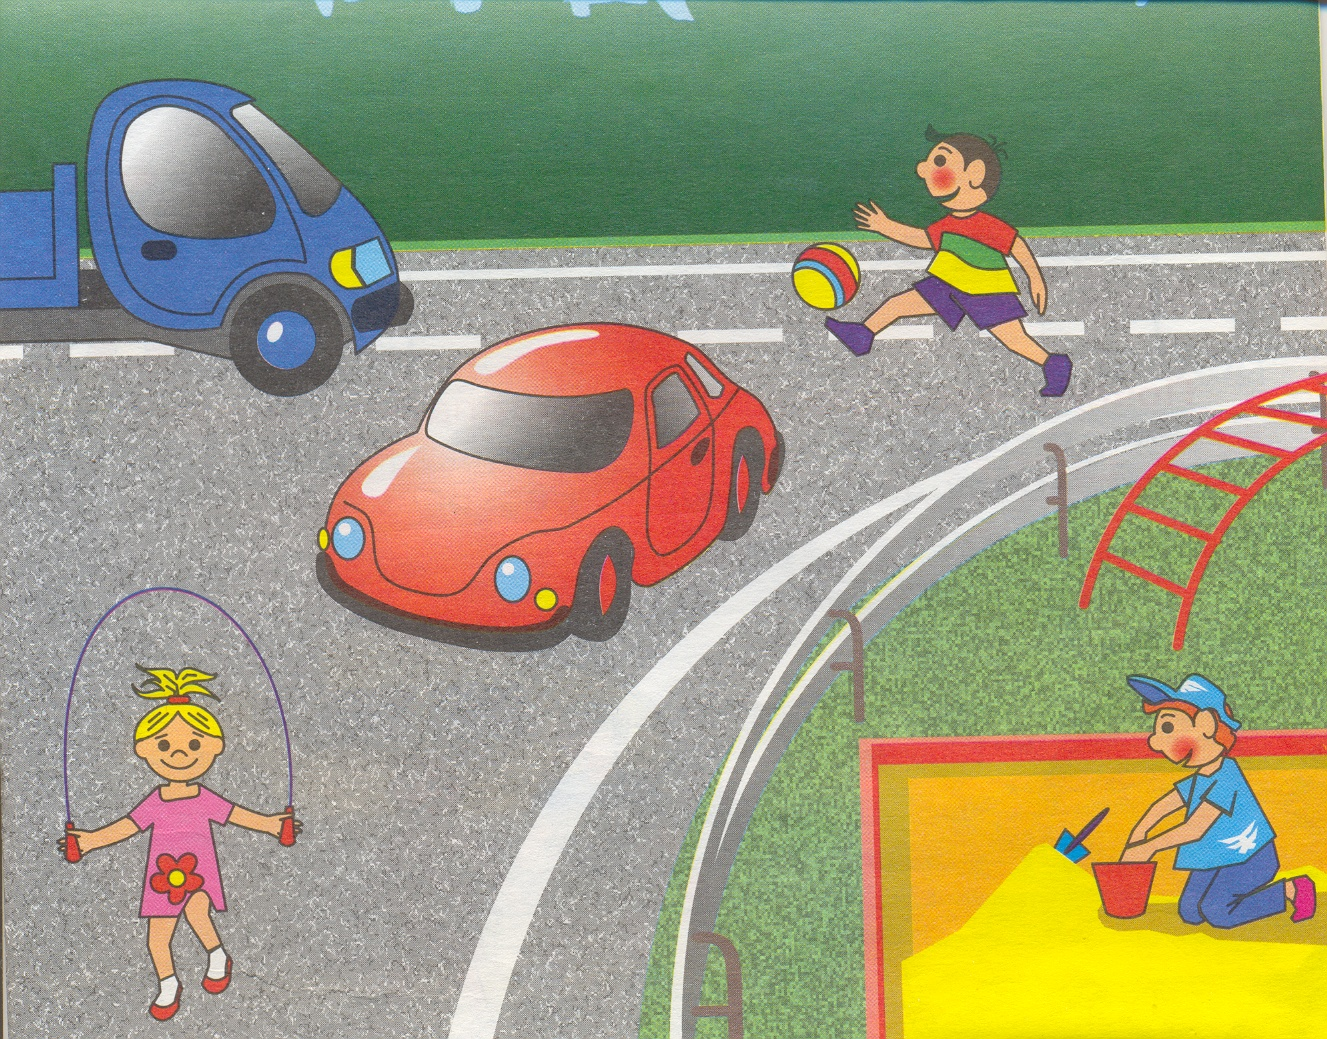 картинки для занятий по пдд с ситуациями на дорогах проведении мелиорационных